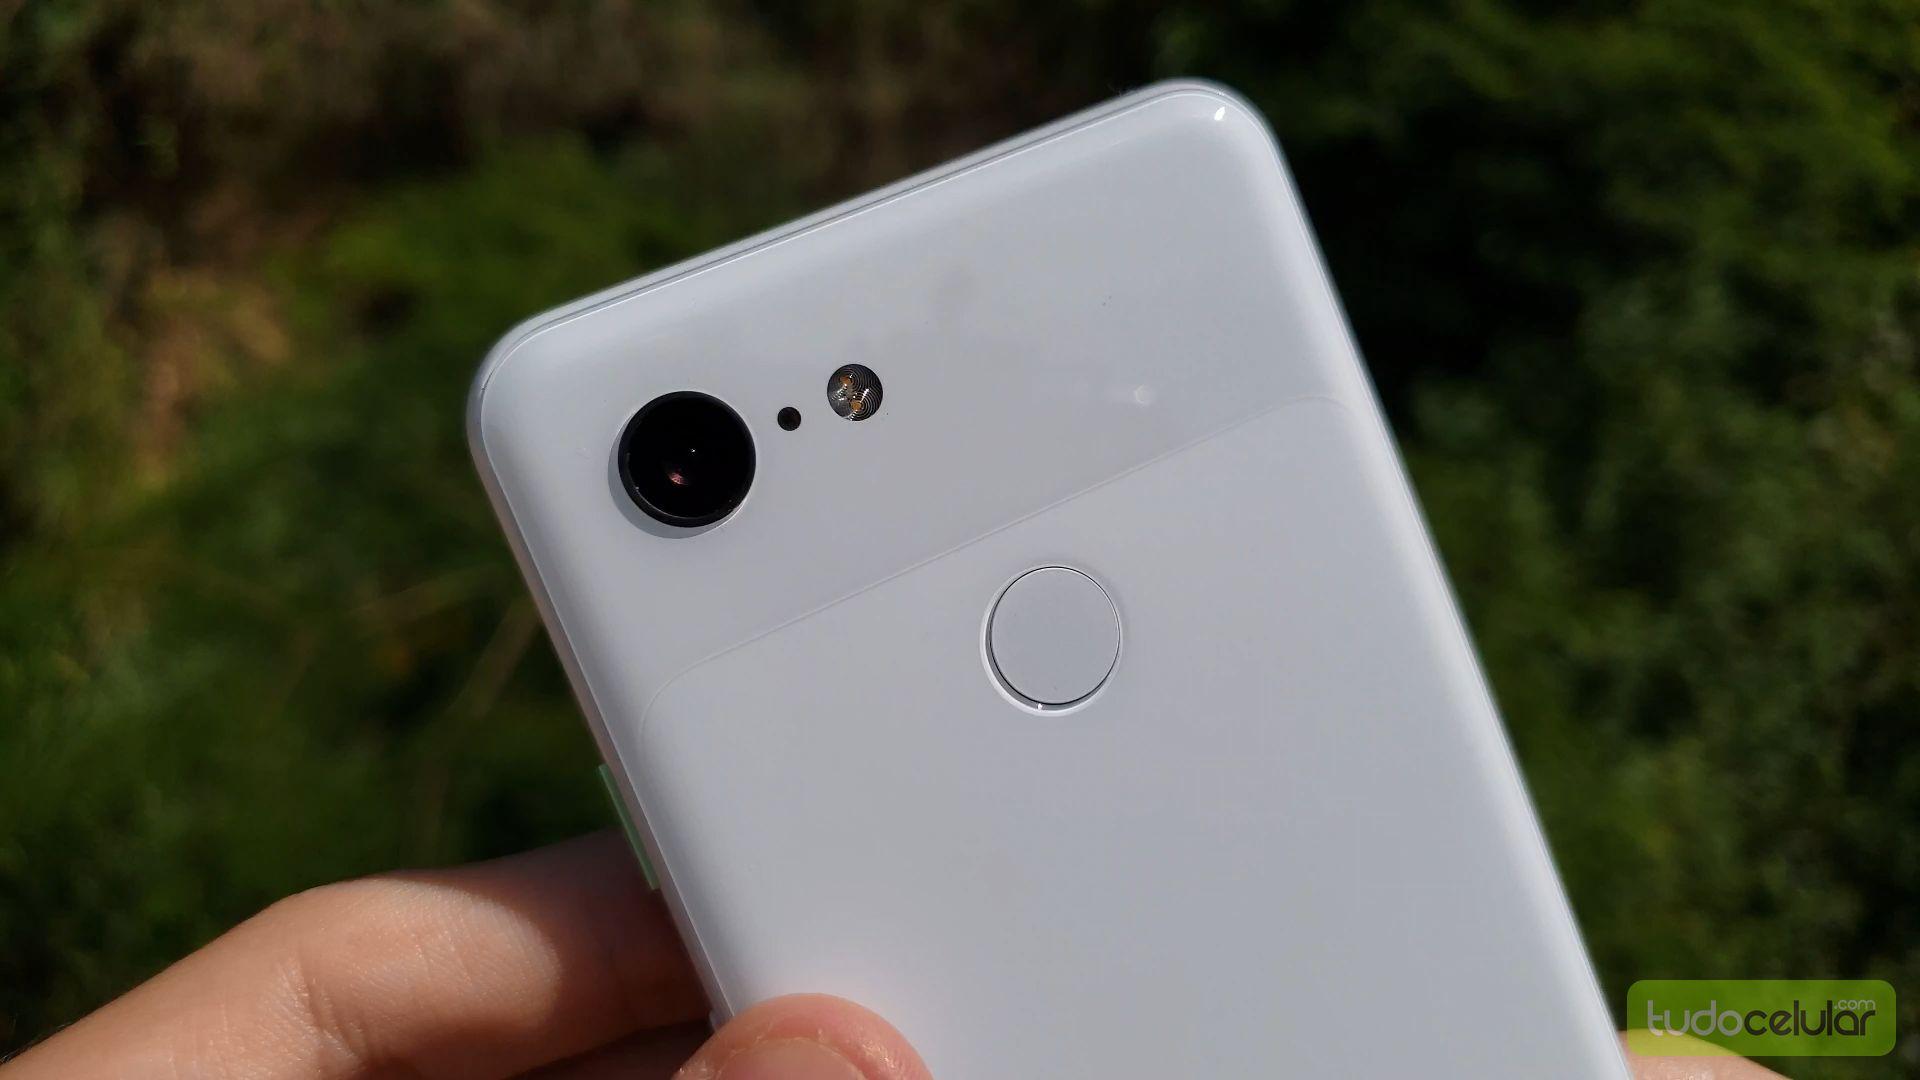 Instalando o Android Nougat no Moto G4 Plus | Tutorial do